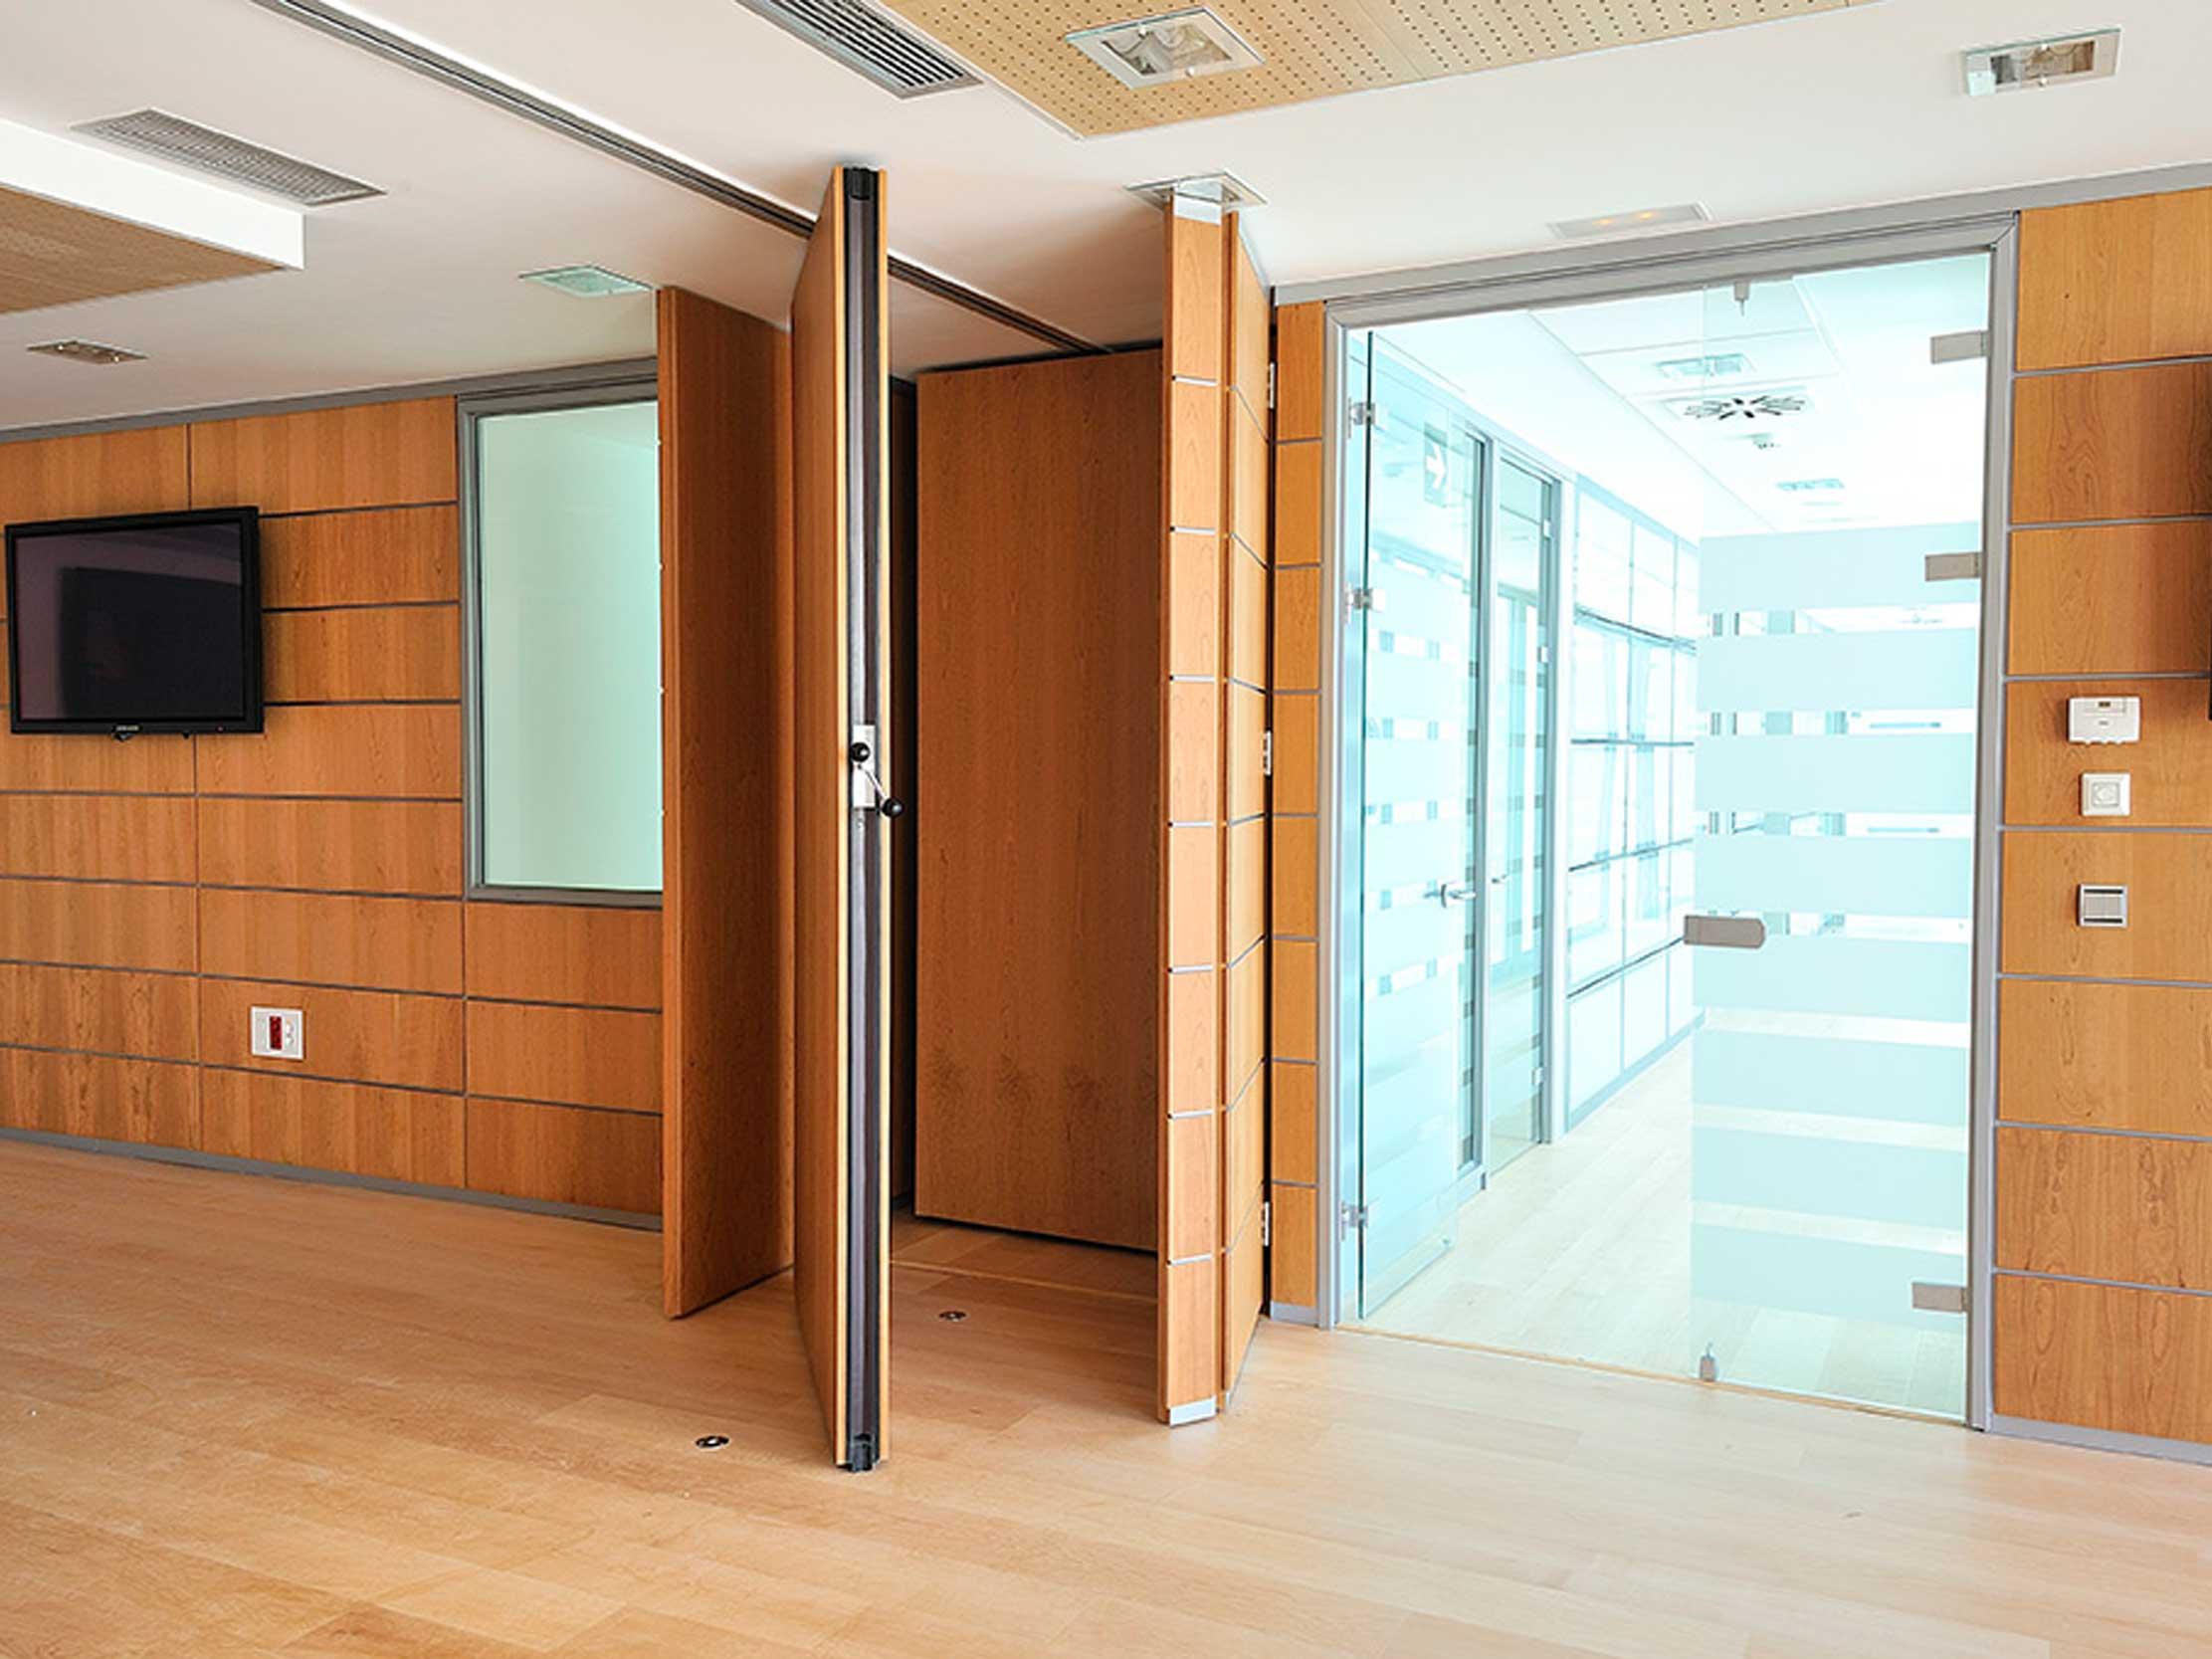 Oficinas CESV Reforma interior